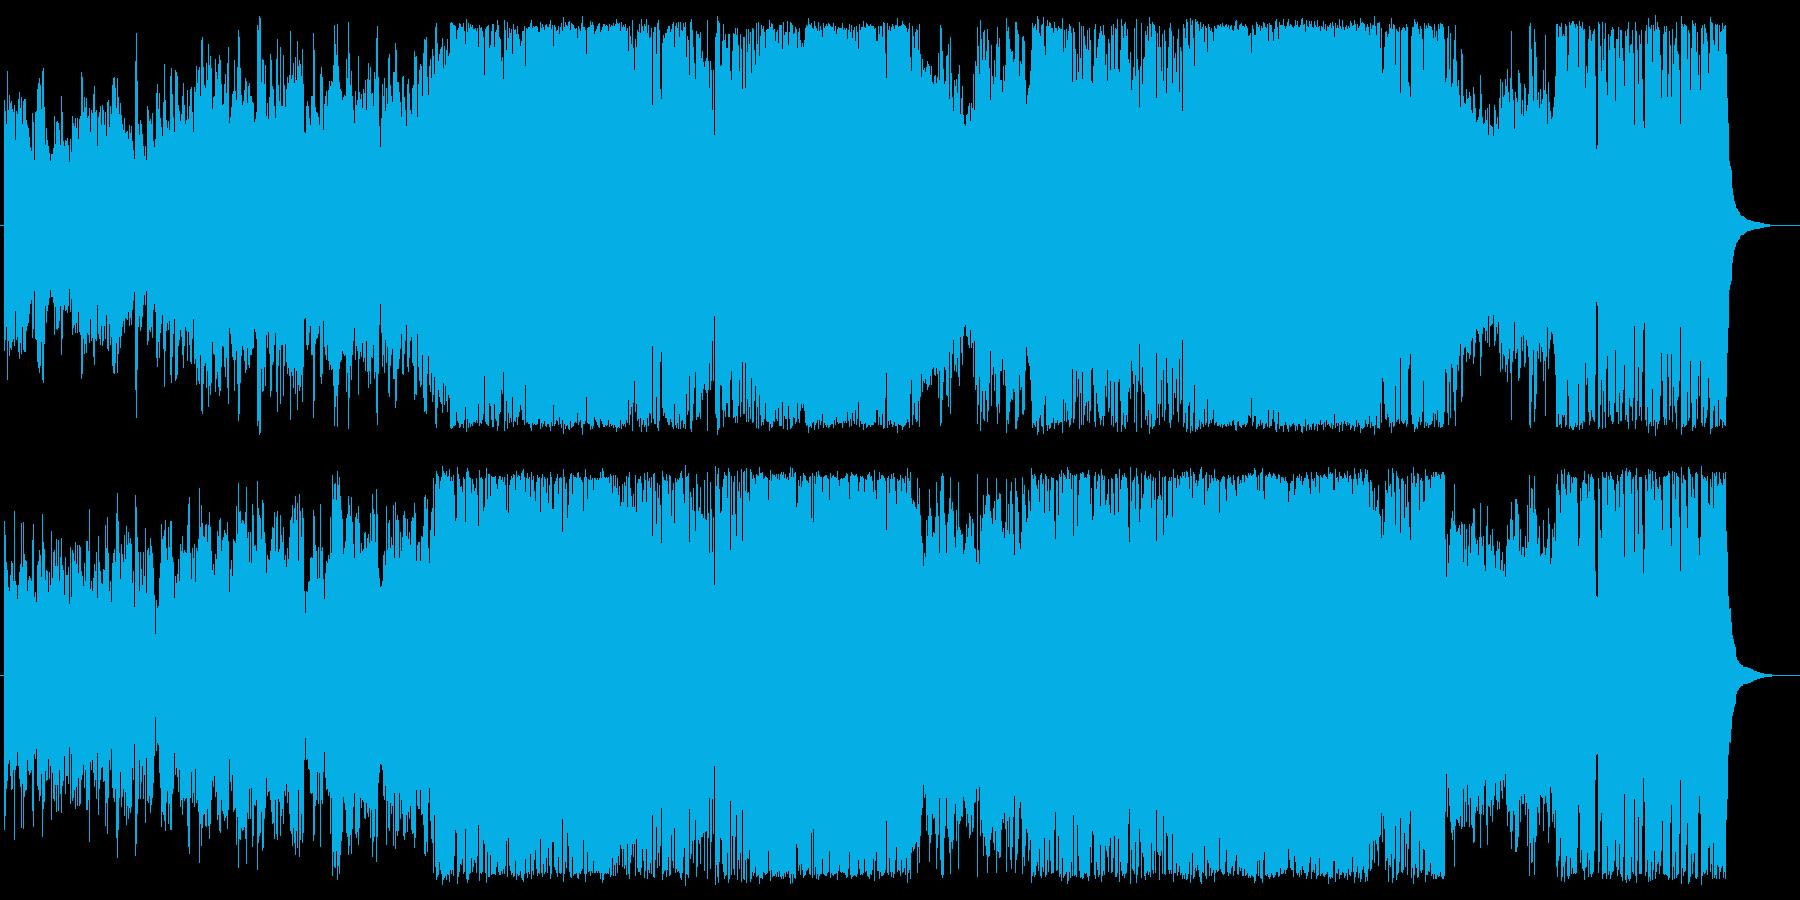 企業VP映像、ピアノ爽やかで前向きな曲の再生済みの波形